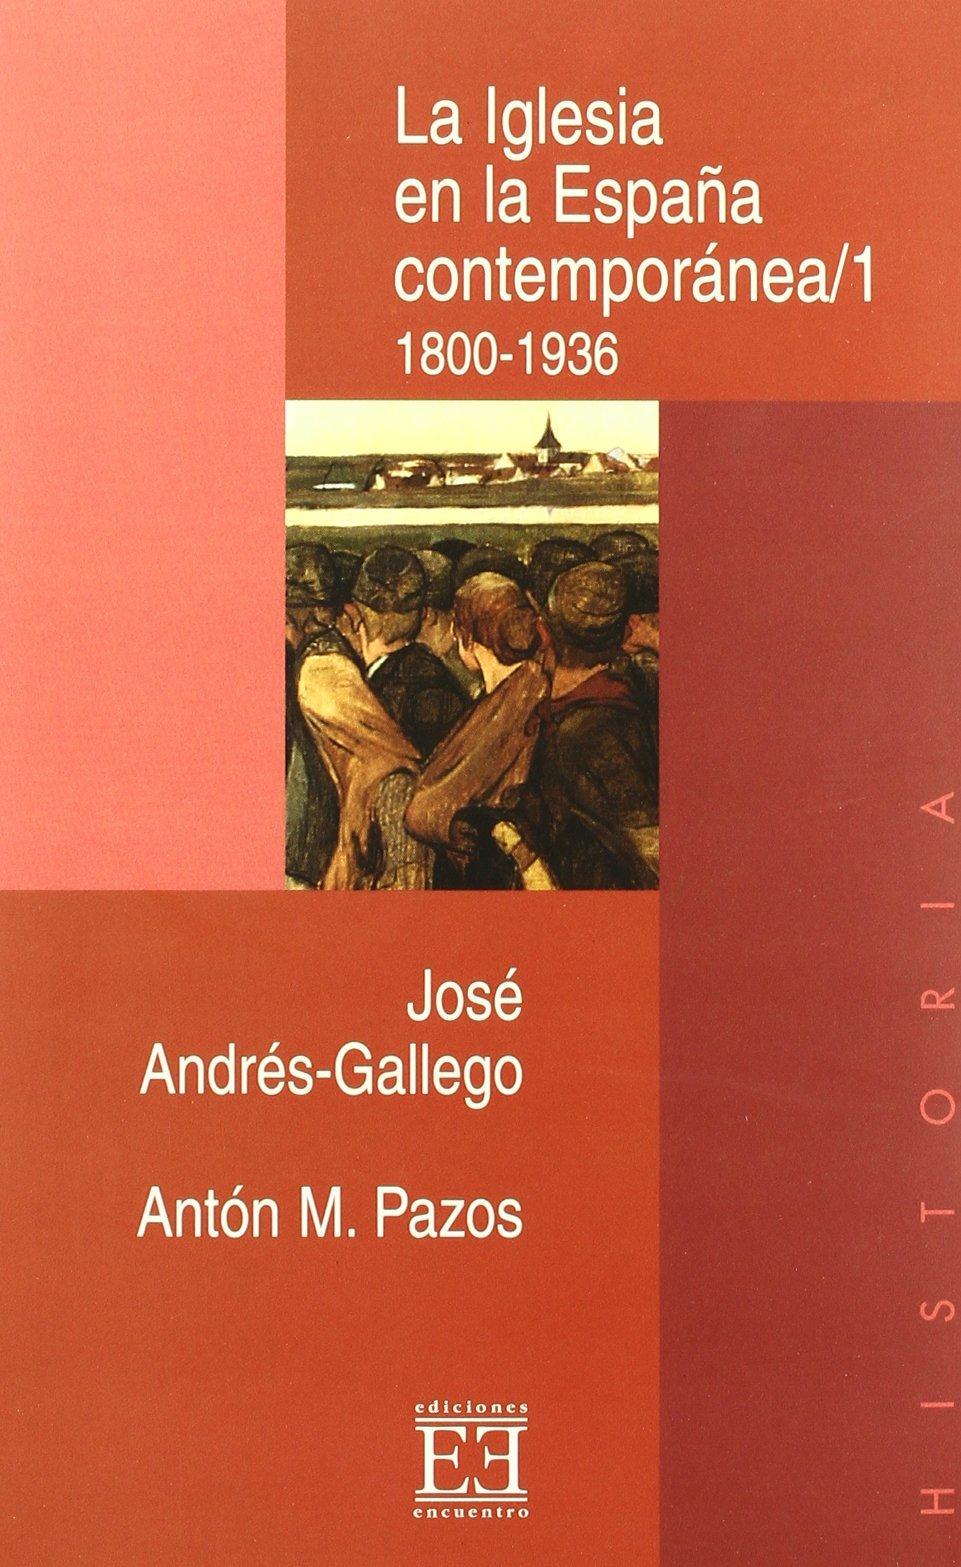 La Iglesia en la España contemporánea/1: 1800-1936 Ensayo de José Andrés-Gallego 26 abr 1999 Tapa blanda: Amazon.es: Libros